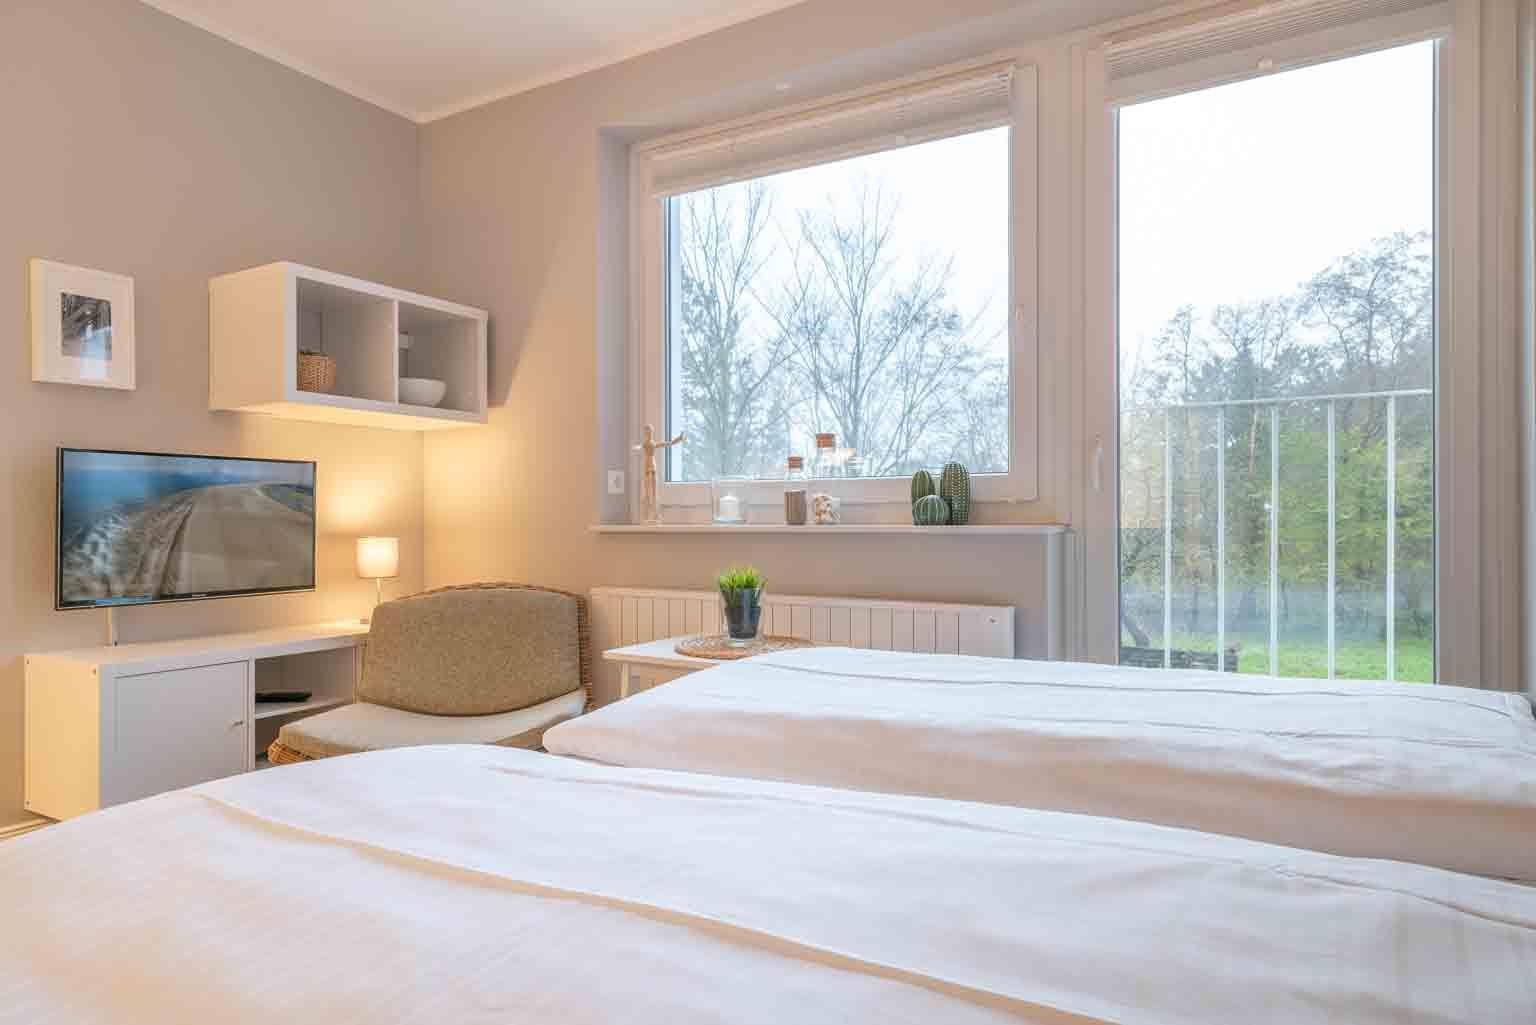 Wohnzimmer mit französischem Balkon